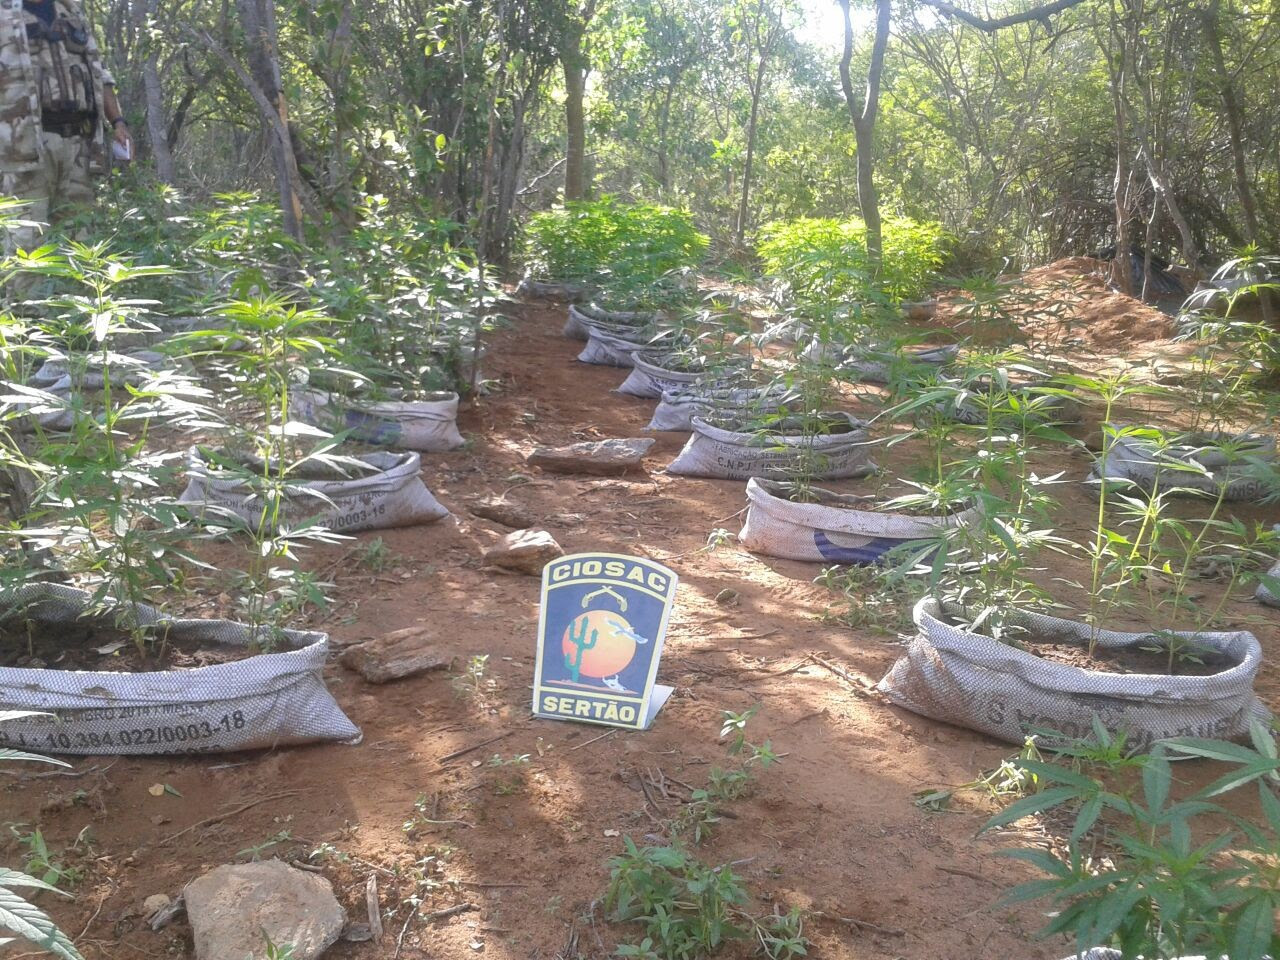 Plantação de maconha encontrada pela Ciosac em Betânia, Pernambuco (Foto: Divulgação/ Ciosac)